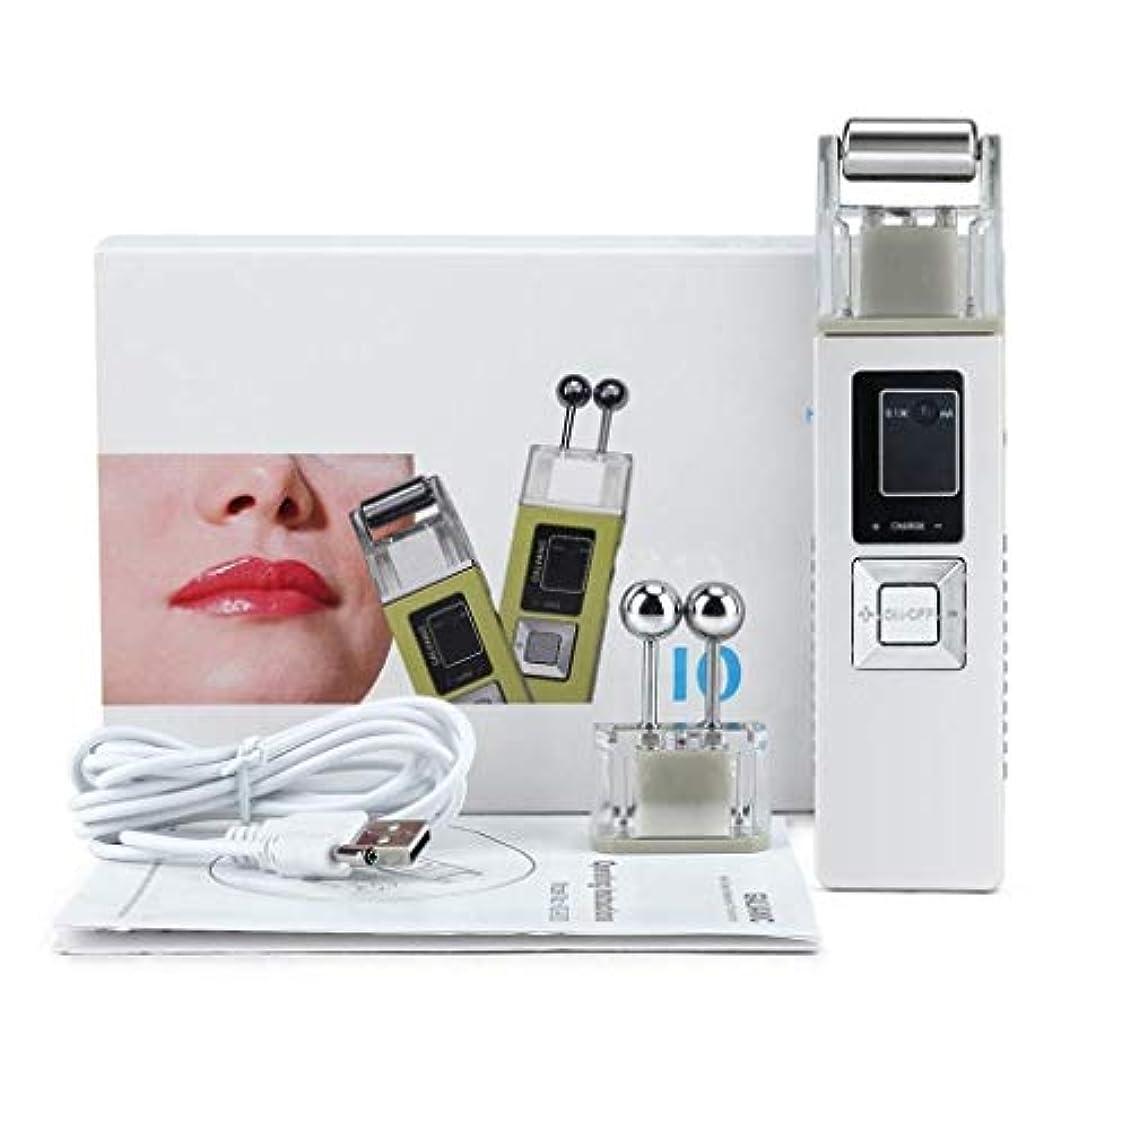 プロトタイプ診断する真剣にマッサージャー、携帯用電気めっきマイクロカレントフェイシャルリフティング、アイマッサージマイクロカレントシワダークサークル浮腫除去